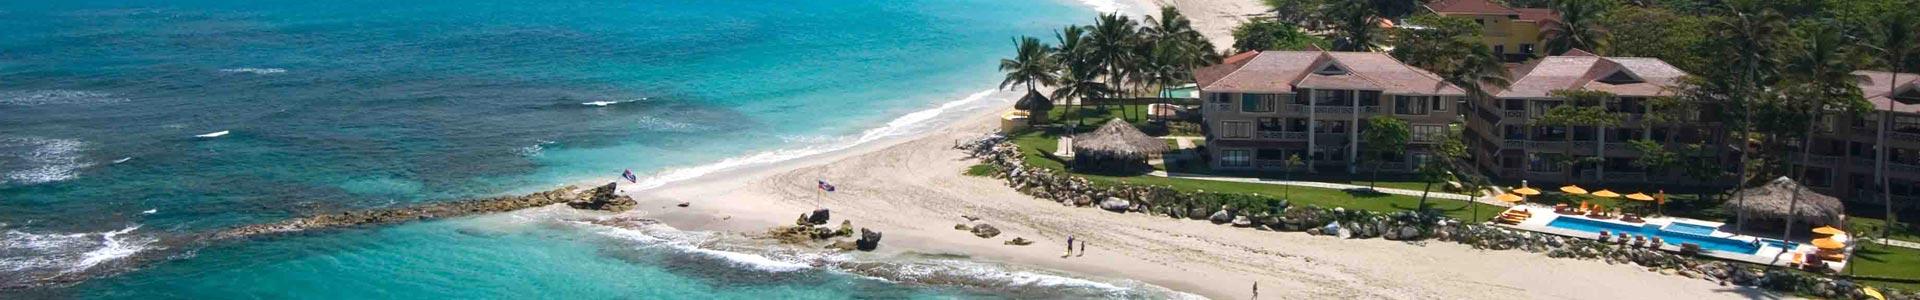 2a00237d0043a Cruzeiro pela República Dominicana e Antilhas – Pontes Turismo